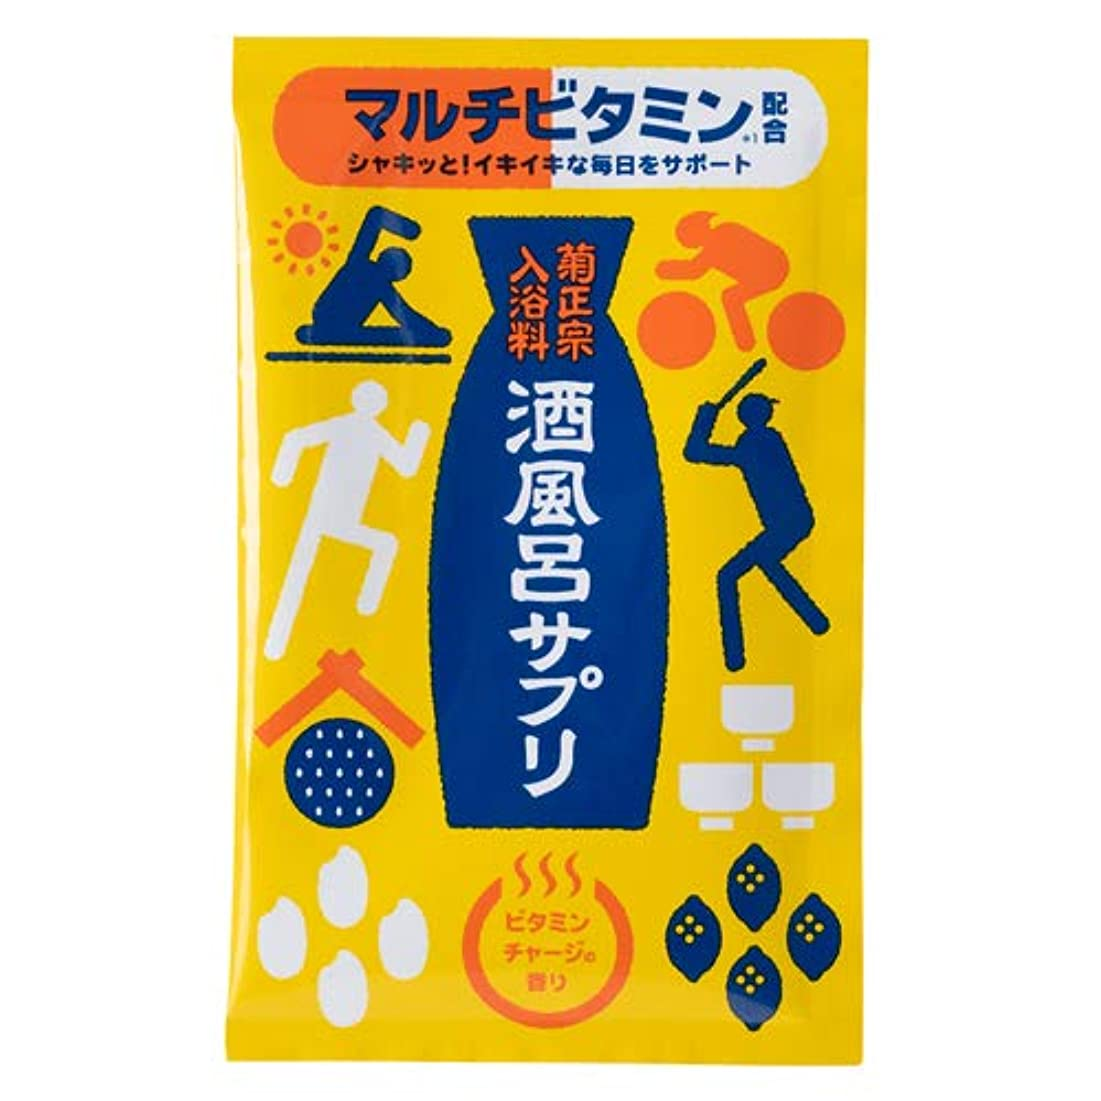 菊正宗 入浴料 酒風呂サプリ マルチビタミン